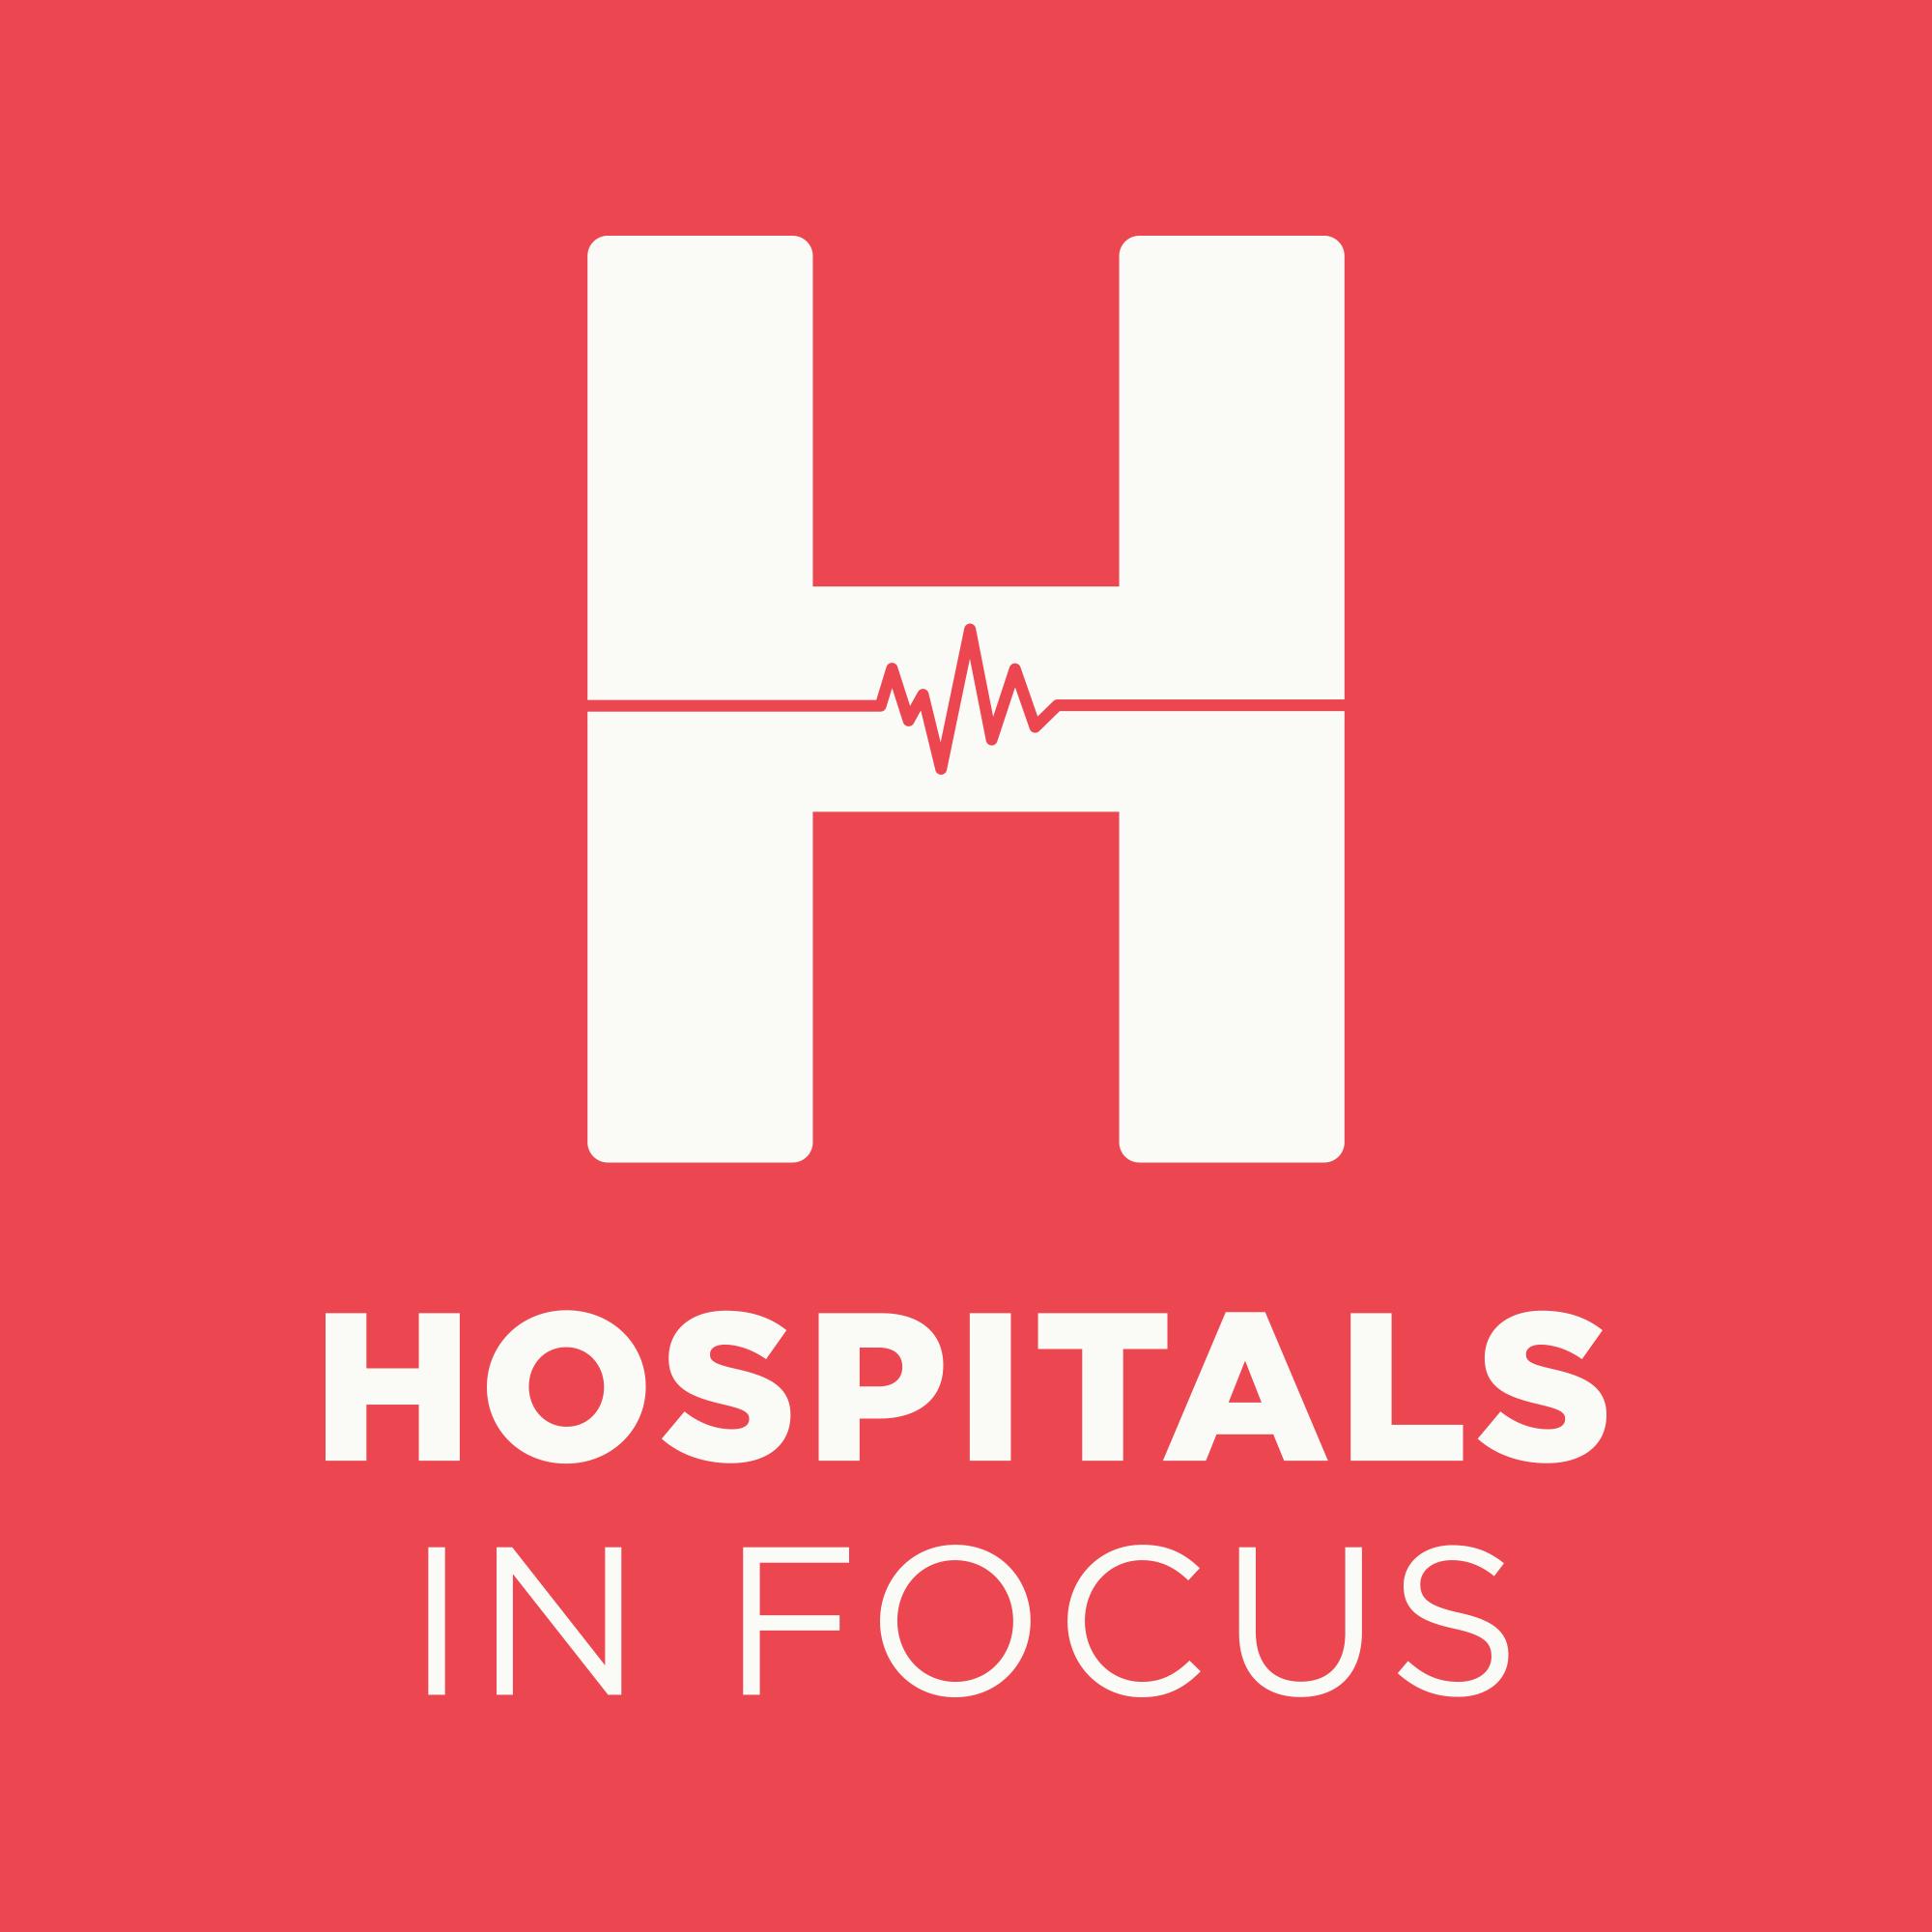 Hospitals In Focus